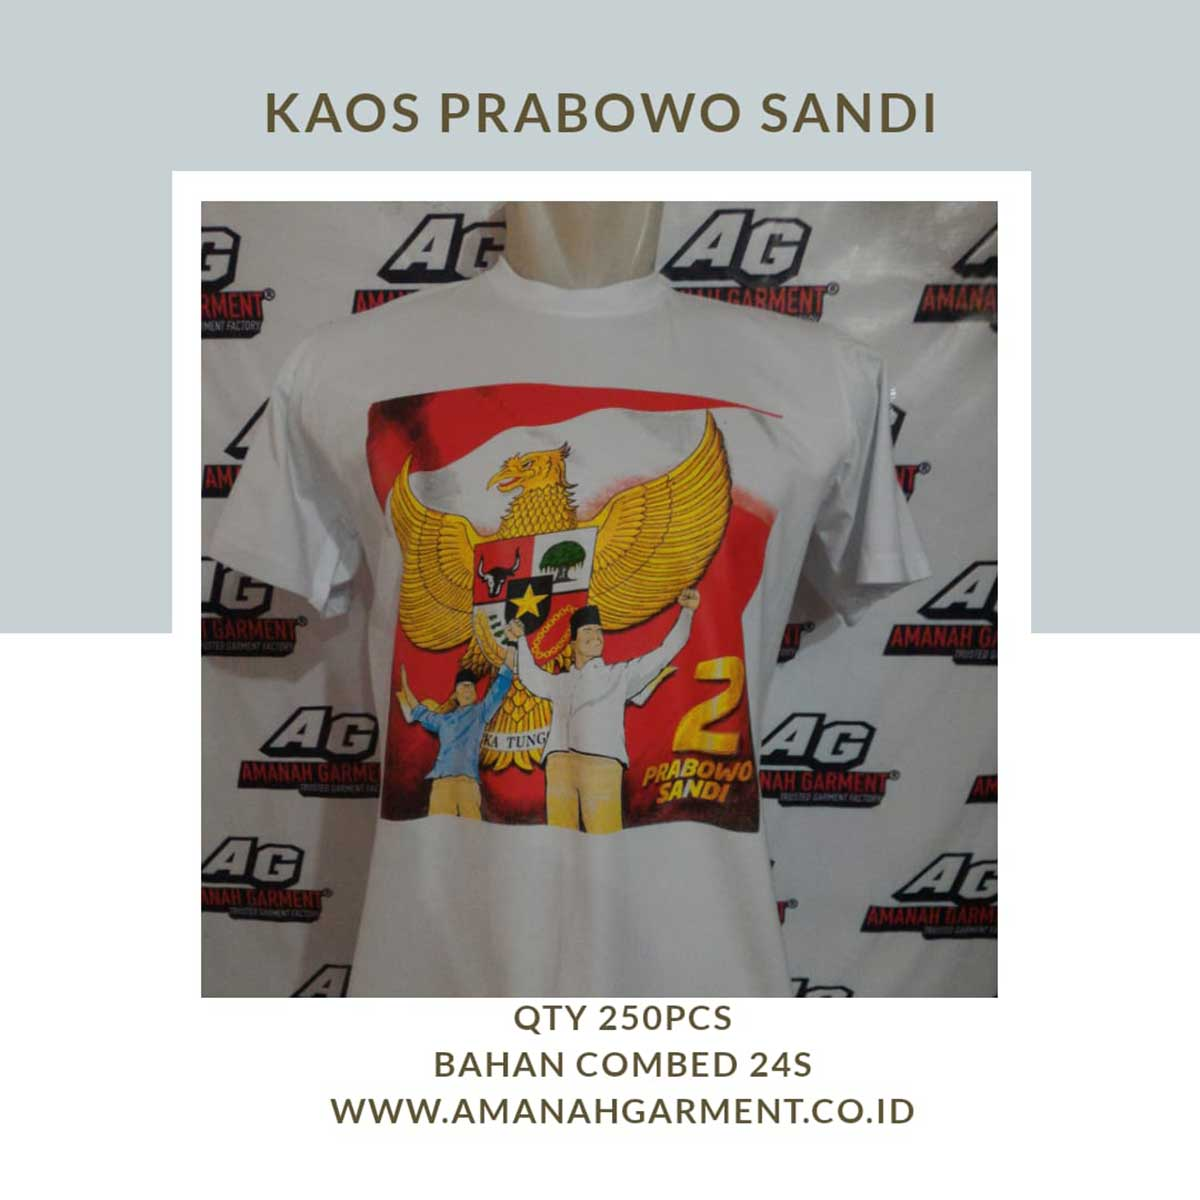 Produksi Kaos Polos Jogja, Produksi Kaos Partai Jogja, Produksi Kaos Oblong Jogja